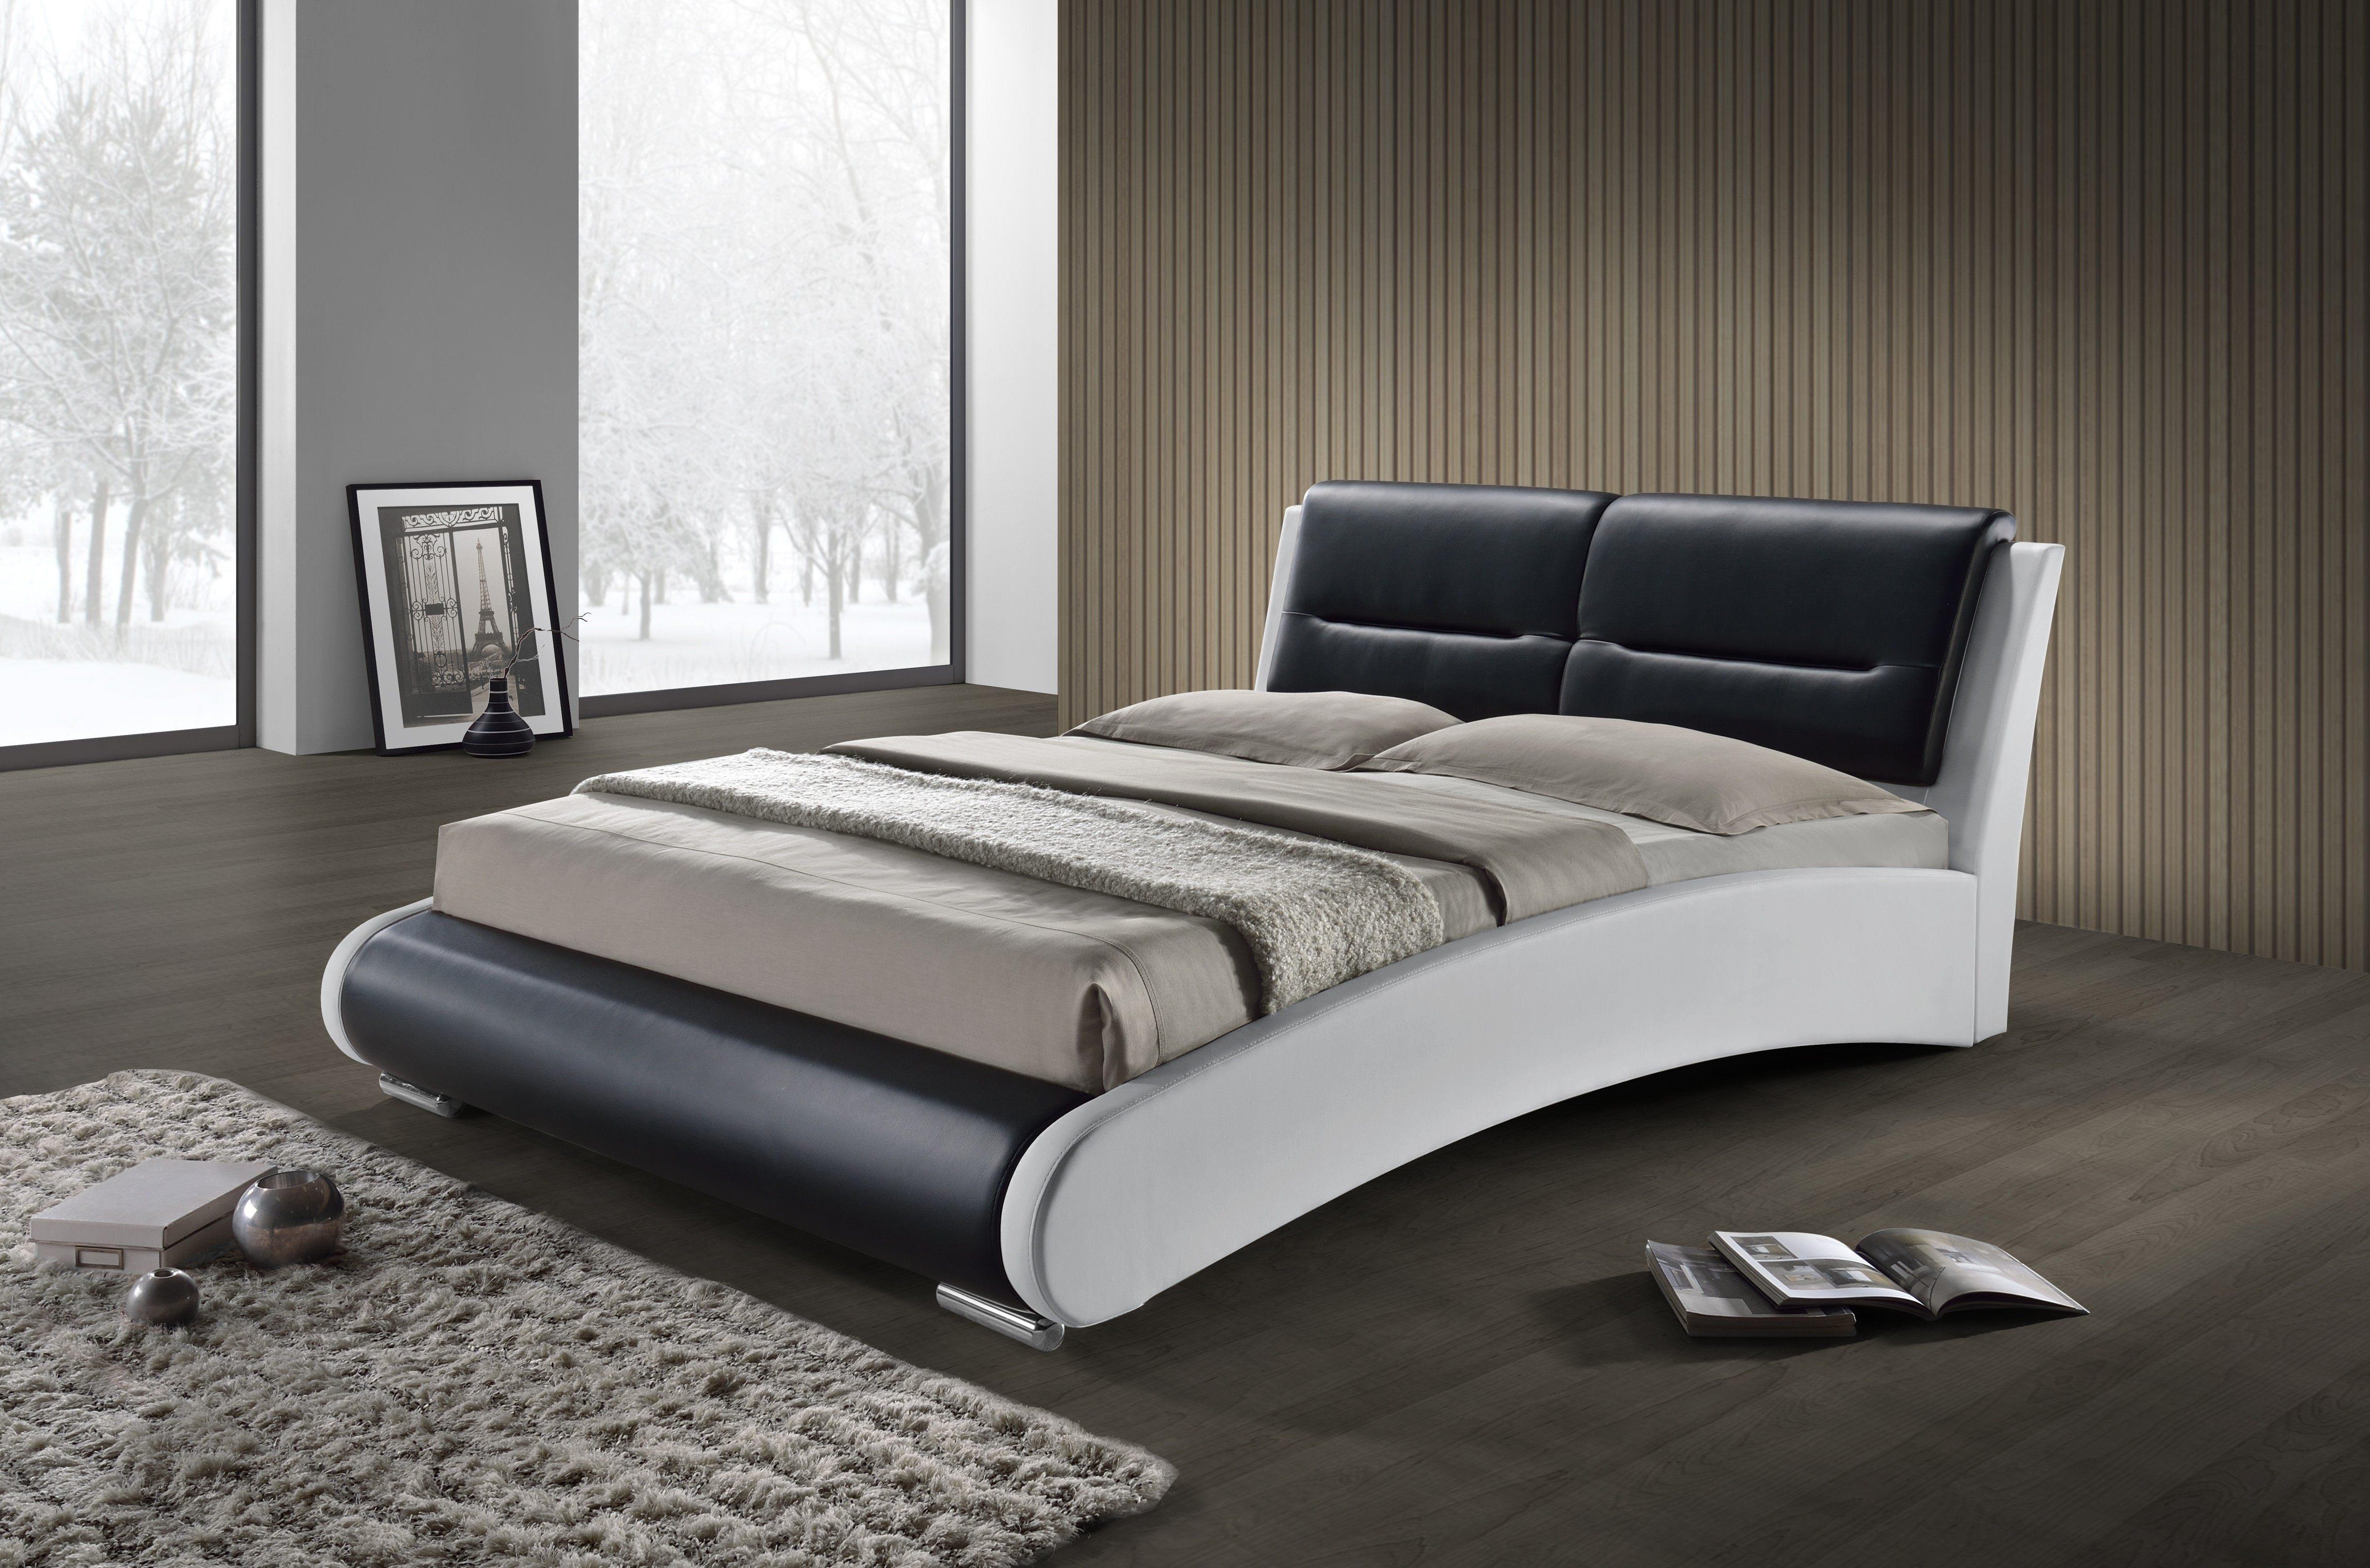 Petit Lit Superposé De Luxe Captivant Canapé Lit Moderne Dans Lit Biné Armoire Fresh Lit